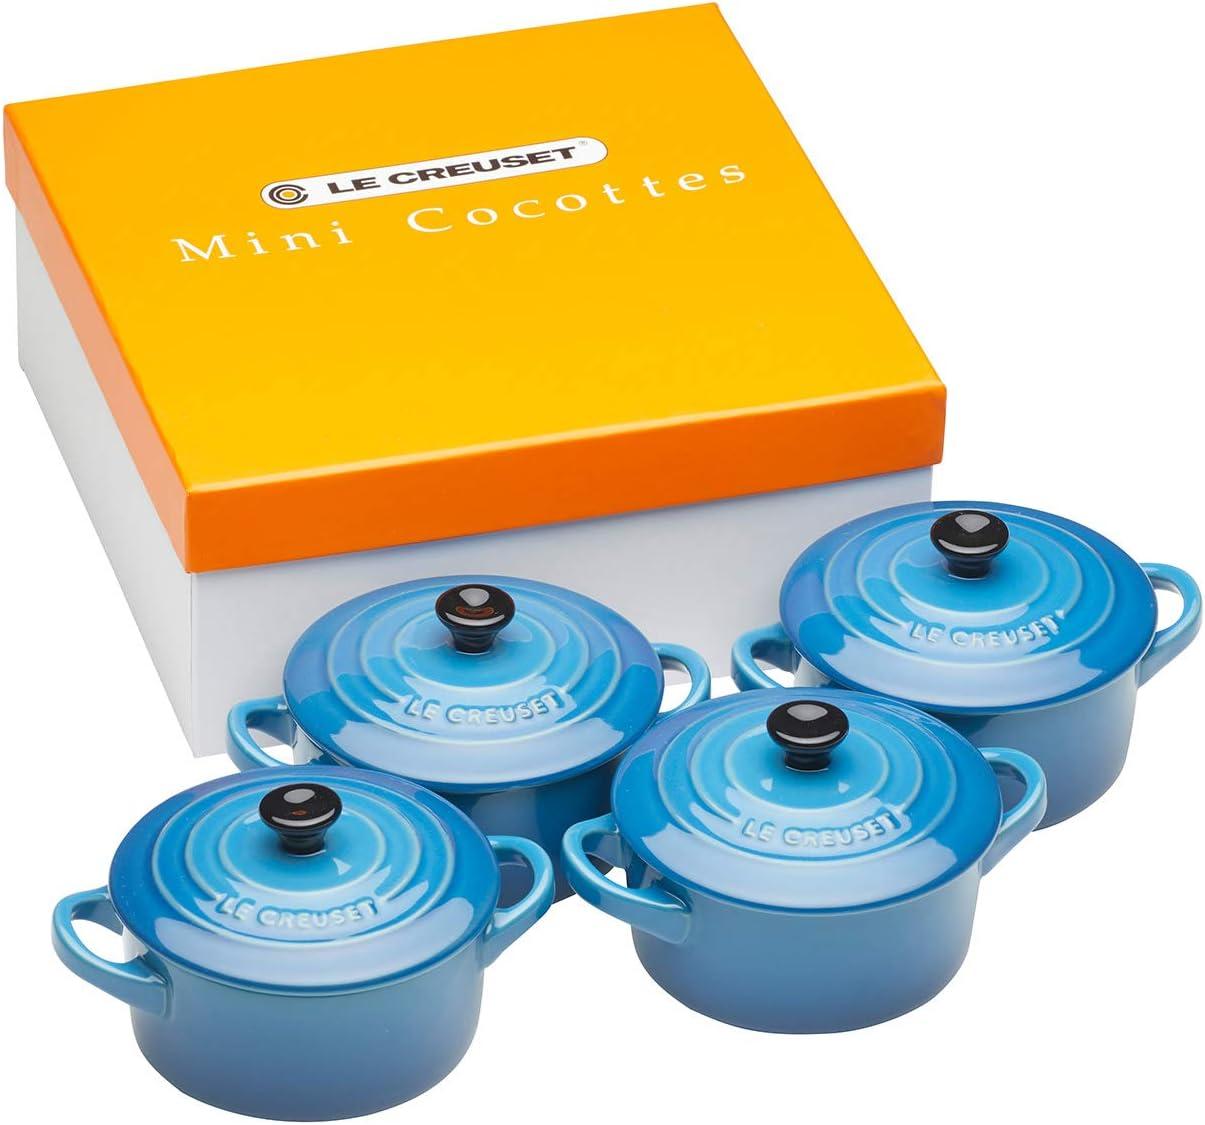 Serviergeschirr 4x Mini Cocotte Oval 0,3l Gusseisen Topf mit Deckel 4er Set